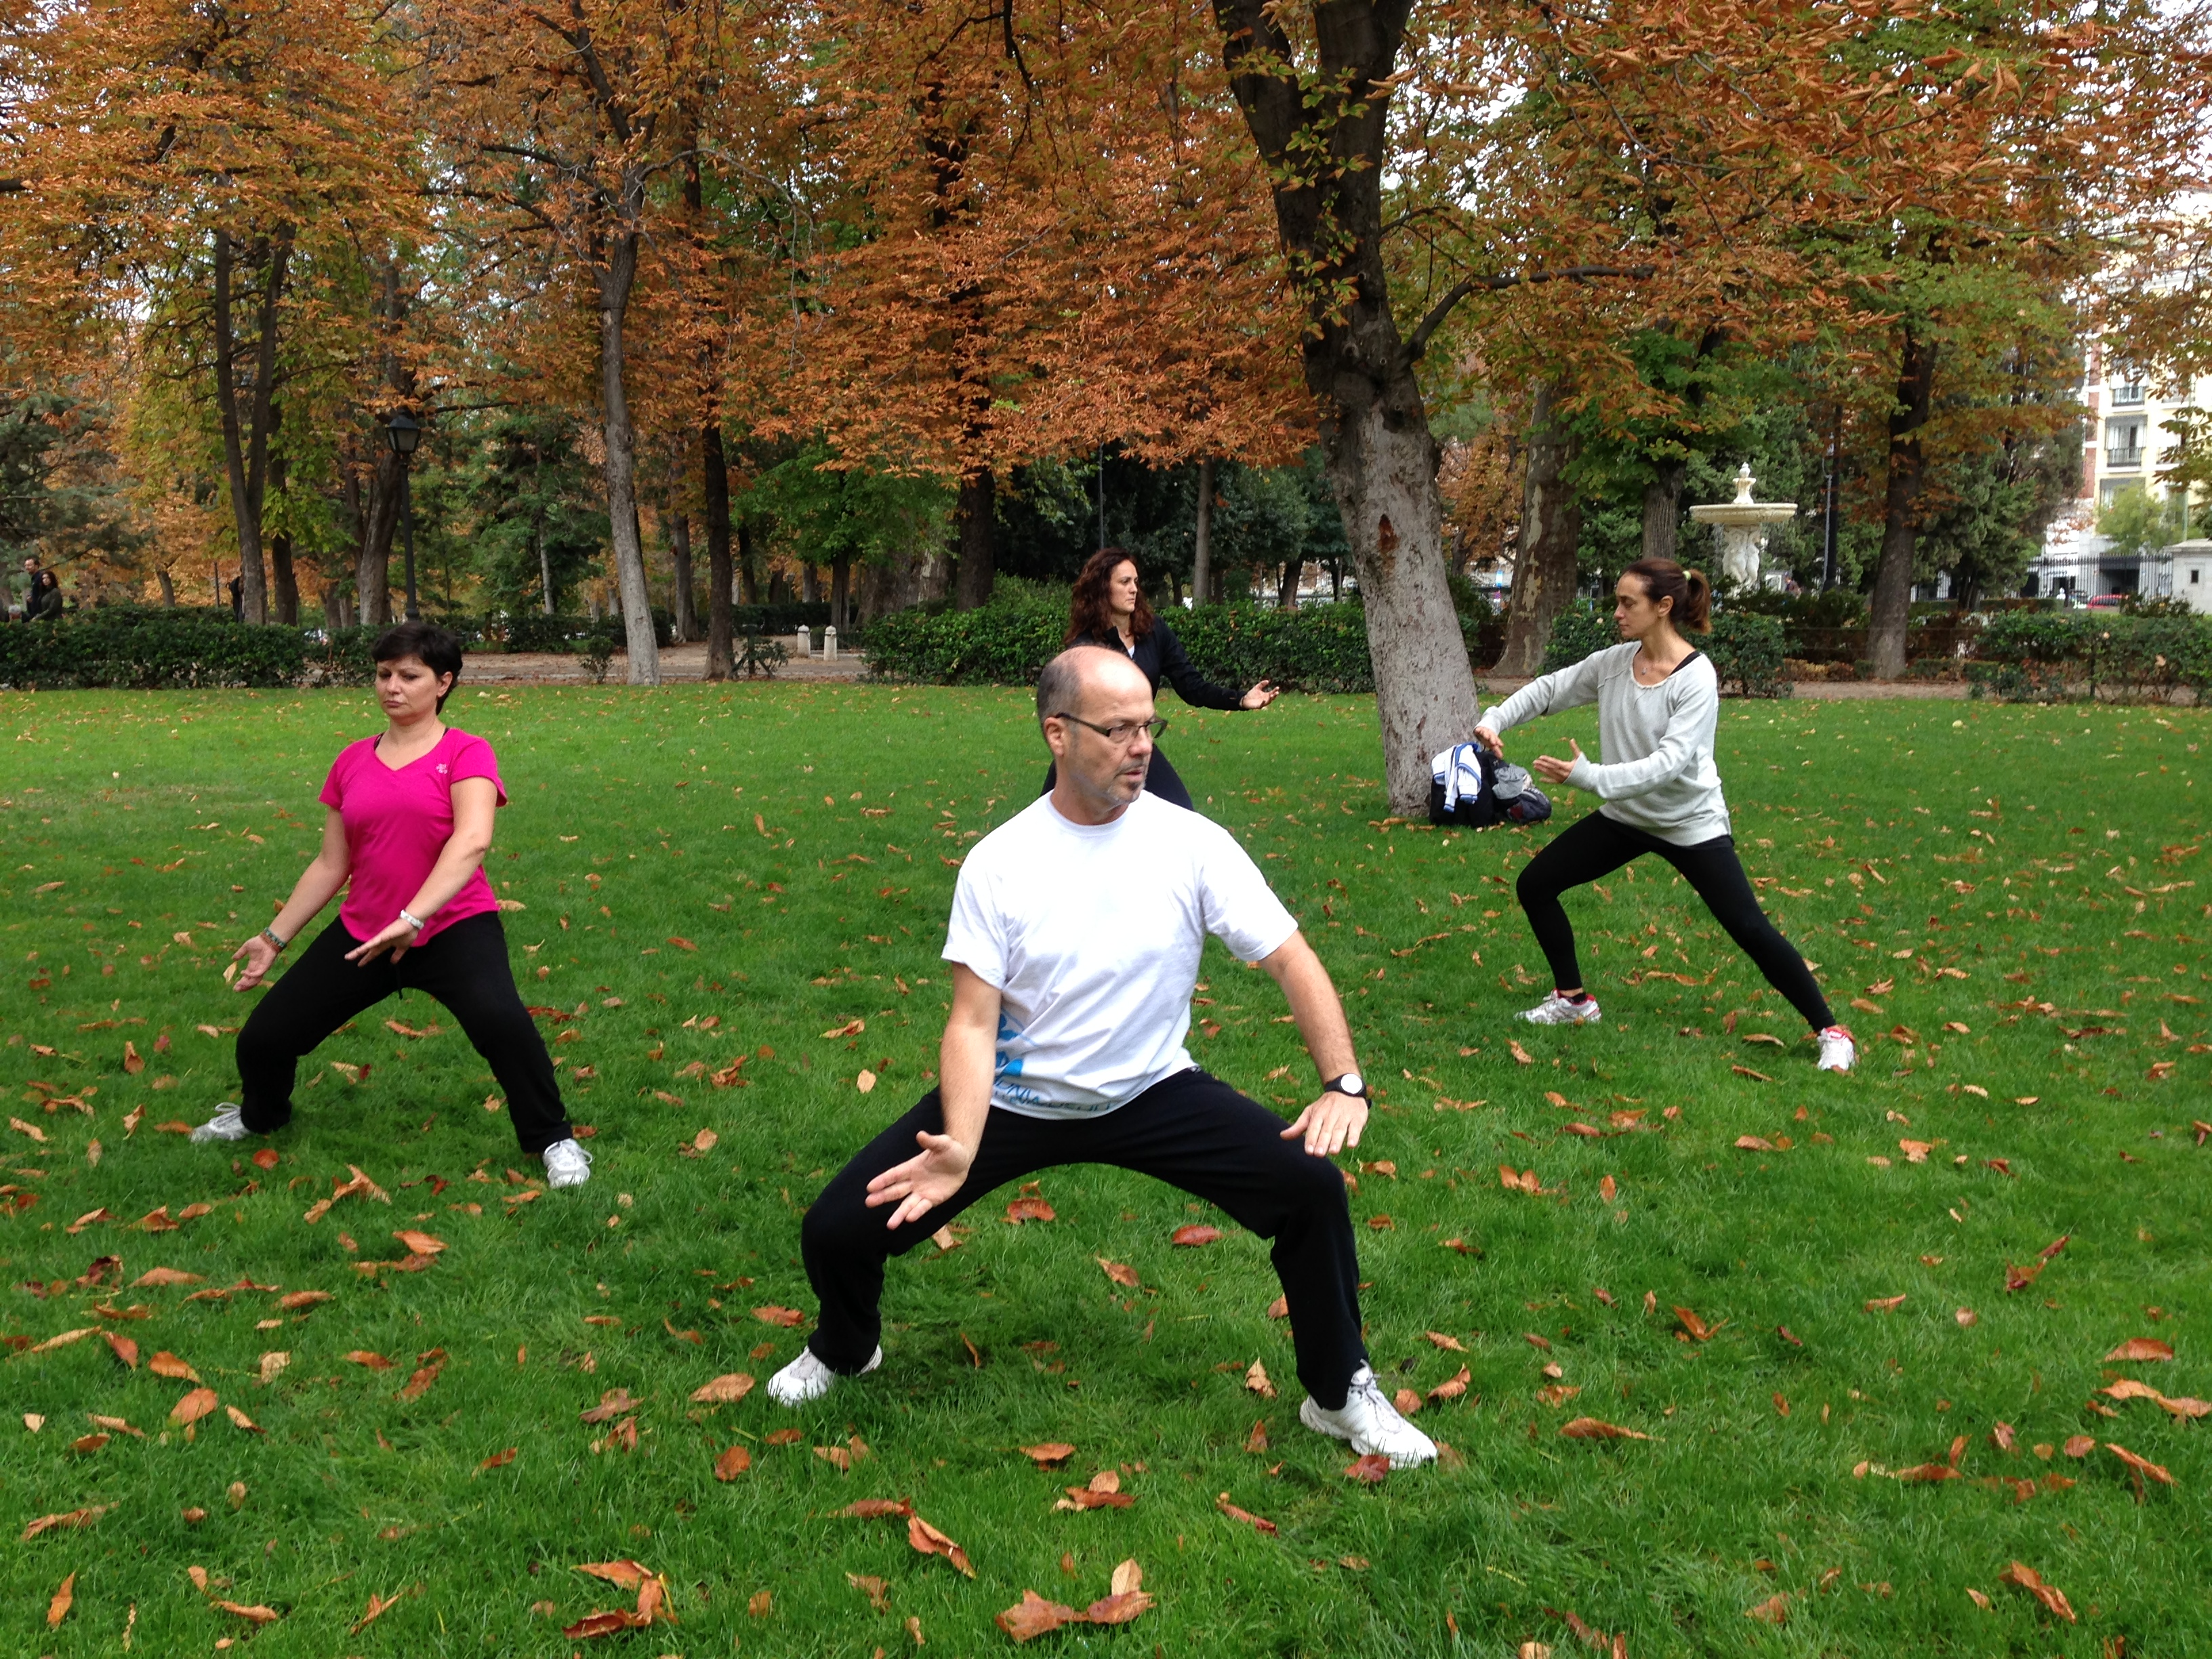 Una de las ventajas del Tai Chi es que puede practicarse casi en cualquier lugar.